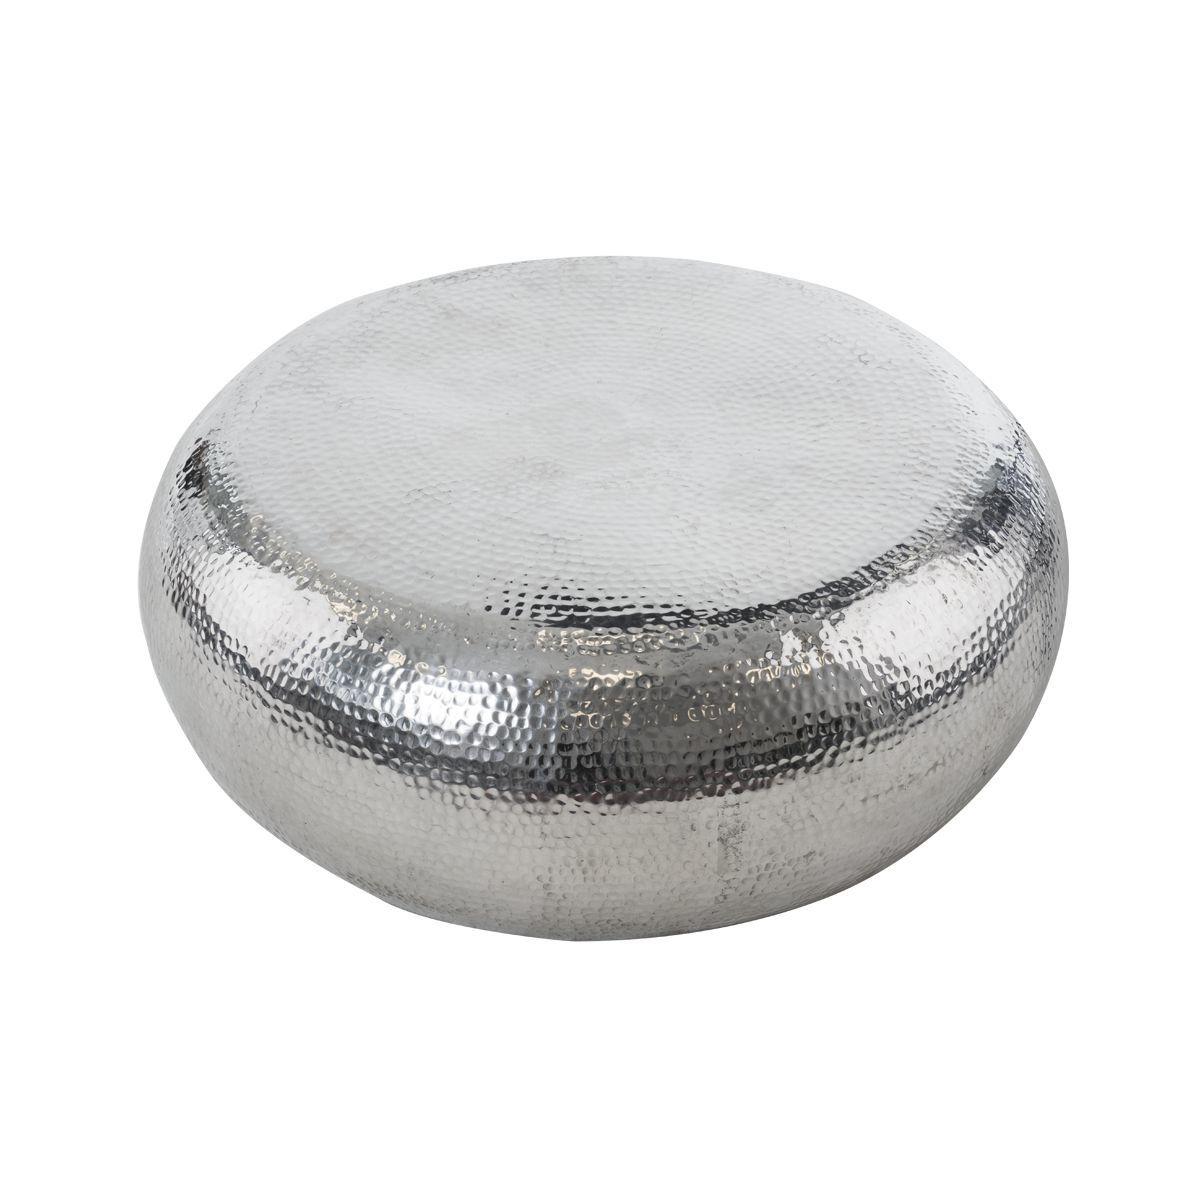 Couchtisch Silber Aus Aluminium Vintage Look Versandkostenfrei